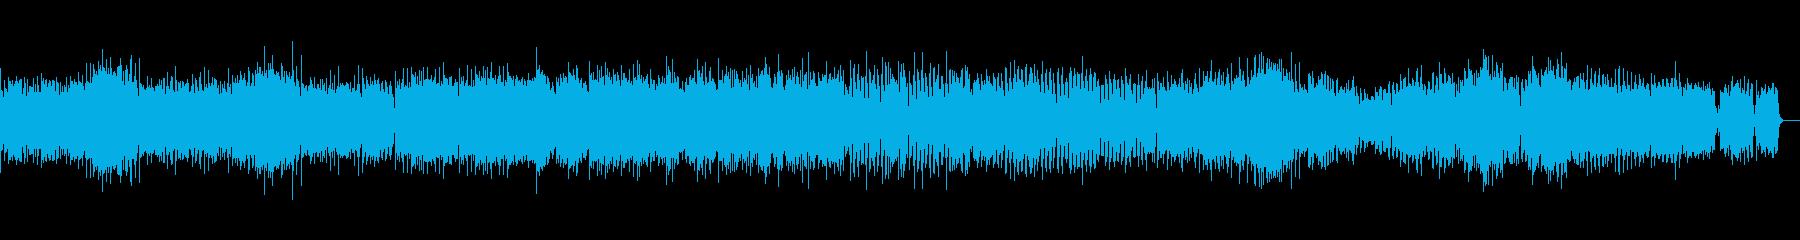 クープランの墓より第二楽章フォルラーヌの再生済みの波形